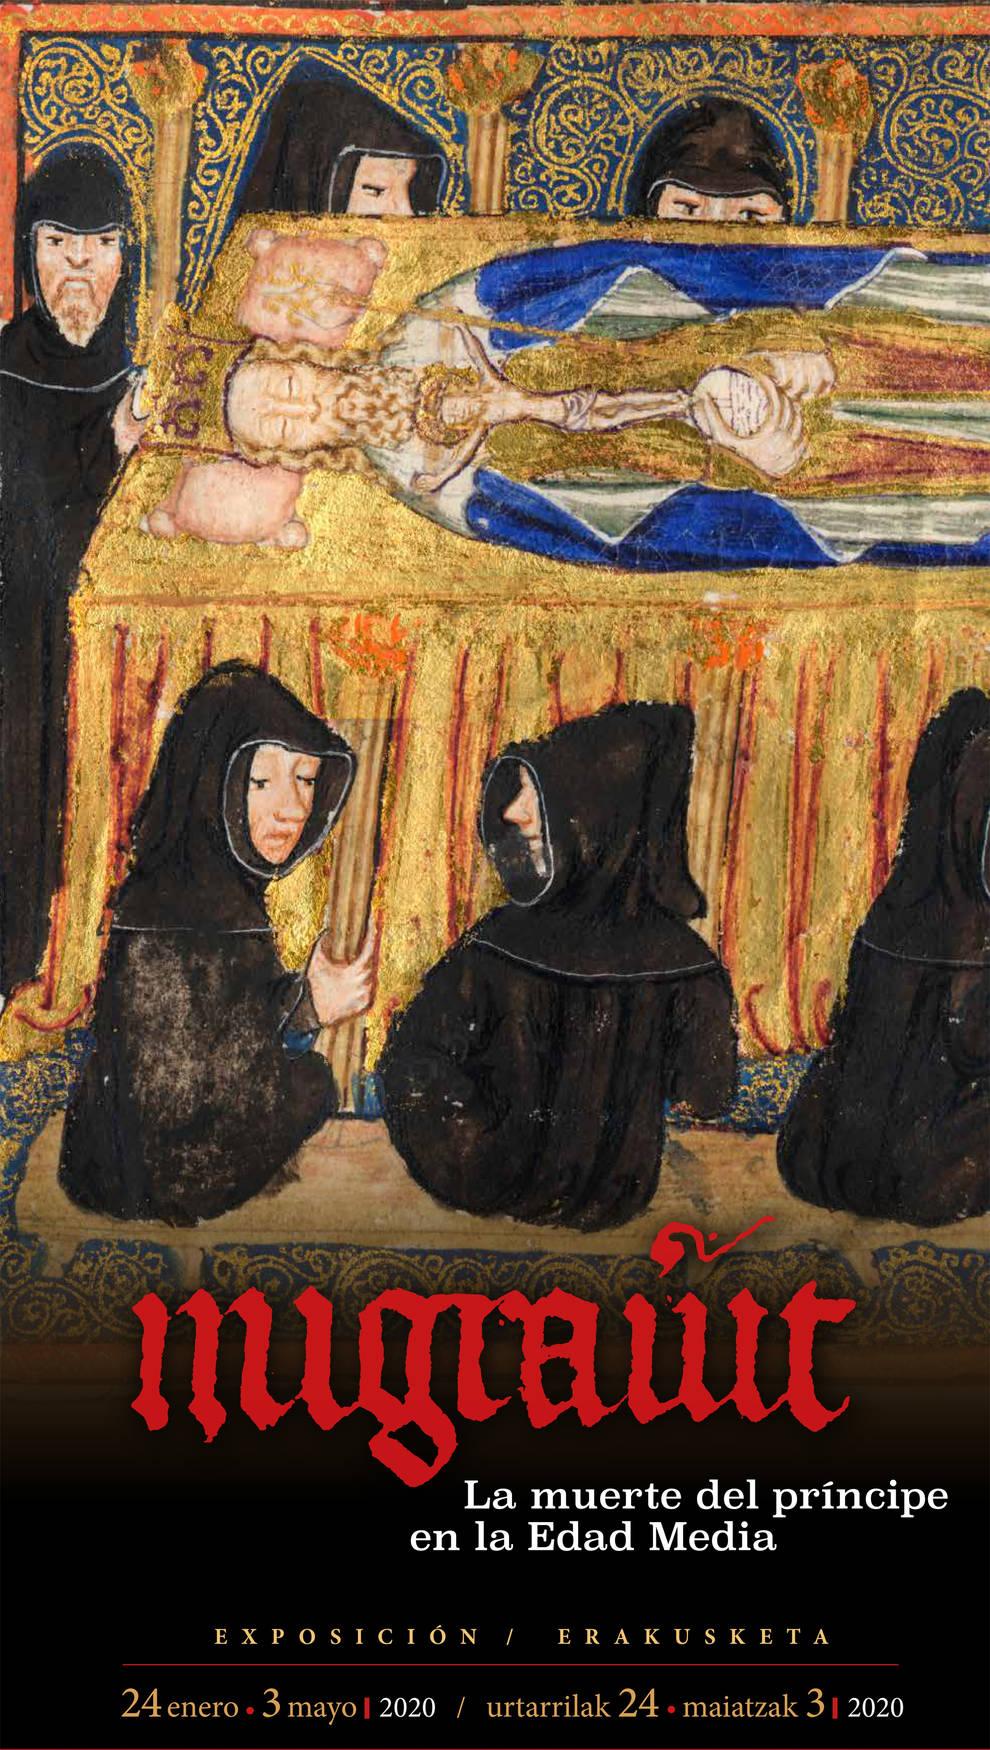 La muerte en la Edad Media llega a una exposición del Archivo de Navarra